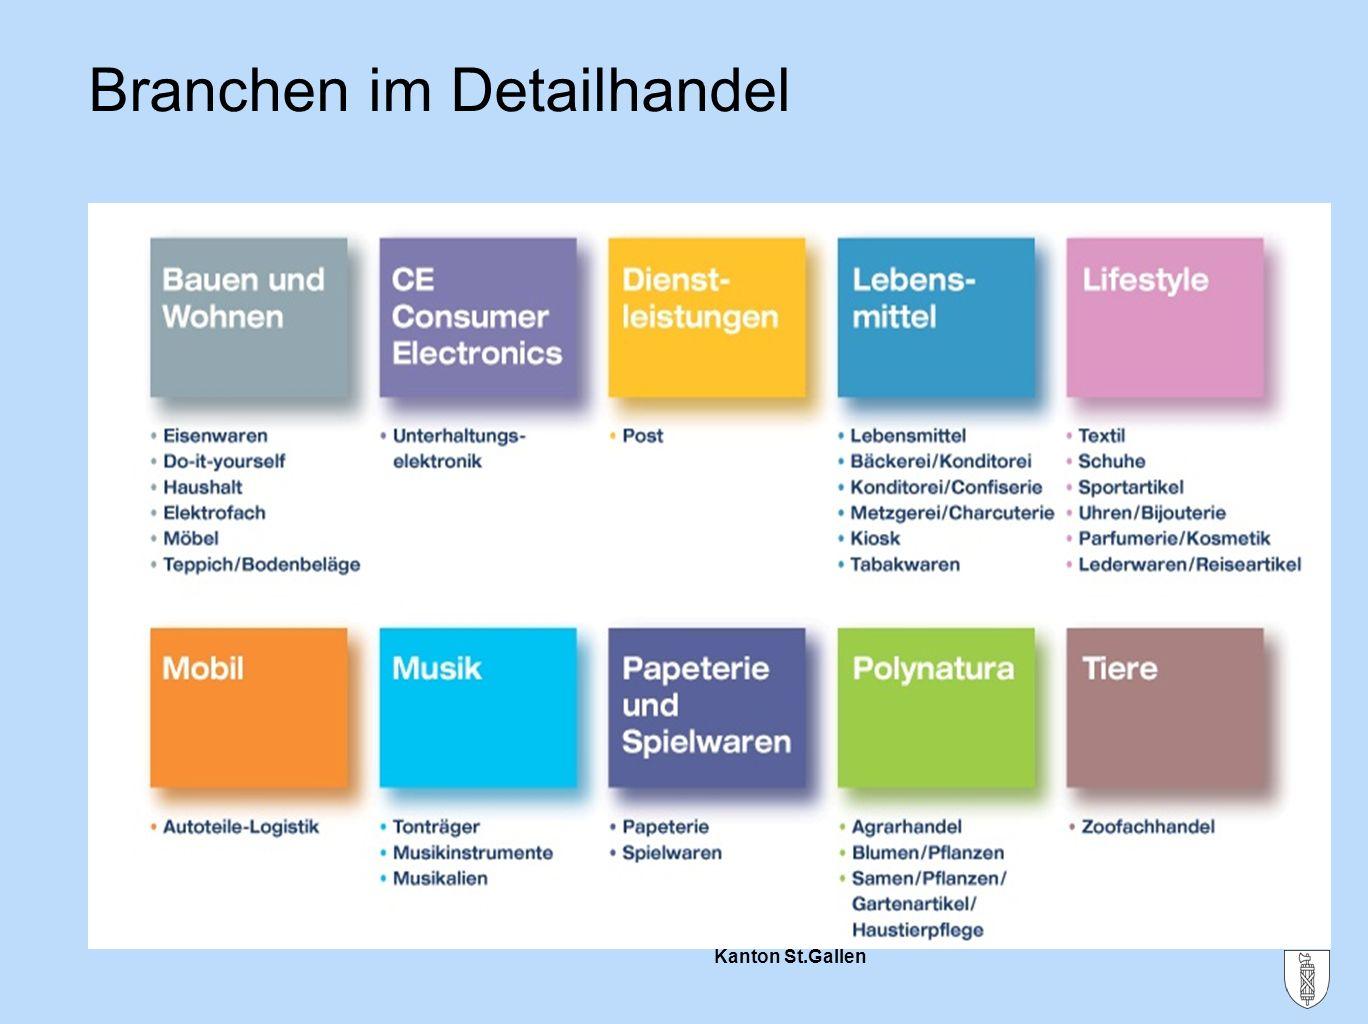 Kanton St.Gallen Branchen im Detailhandel